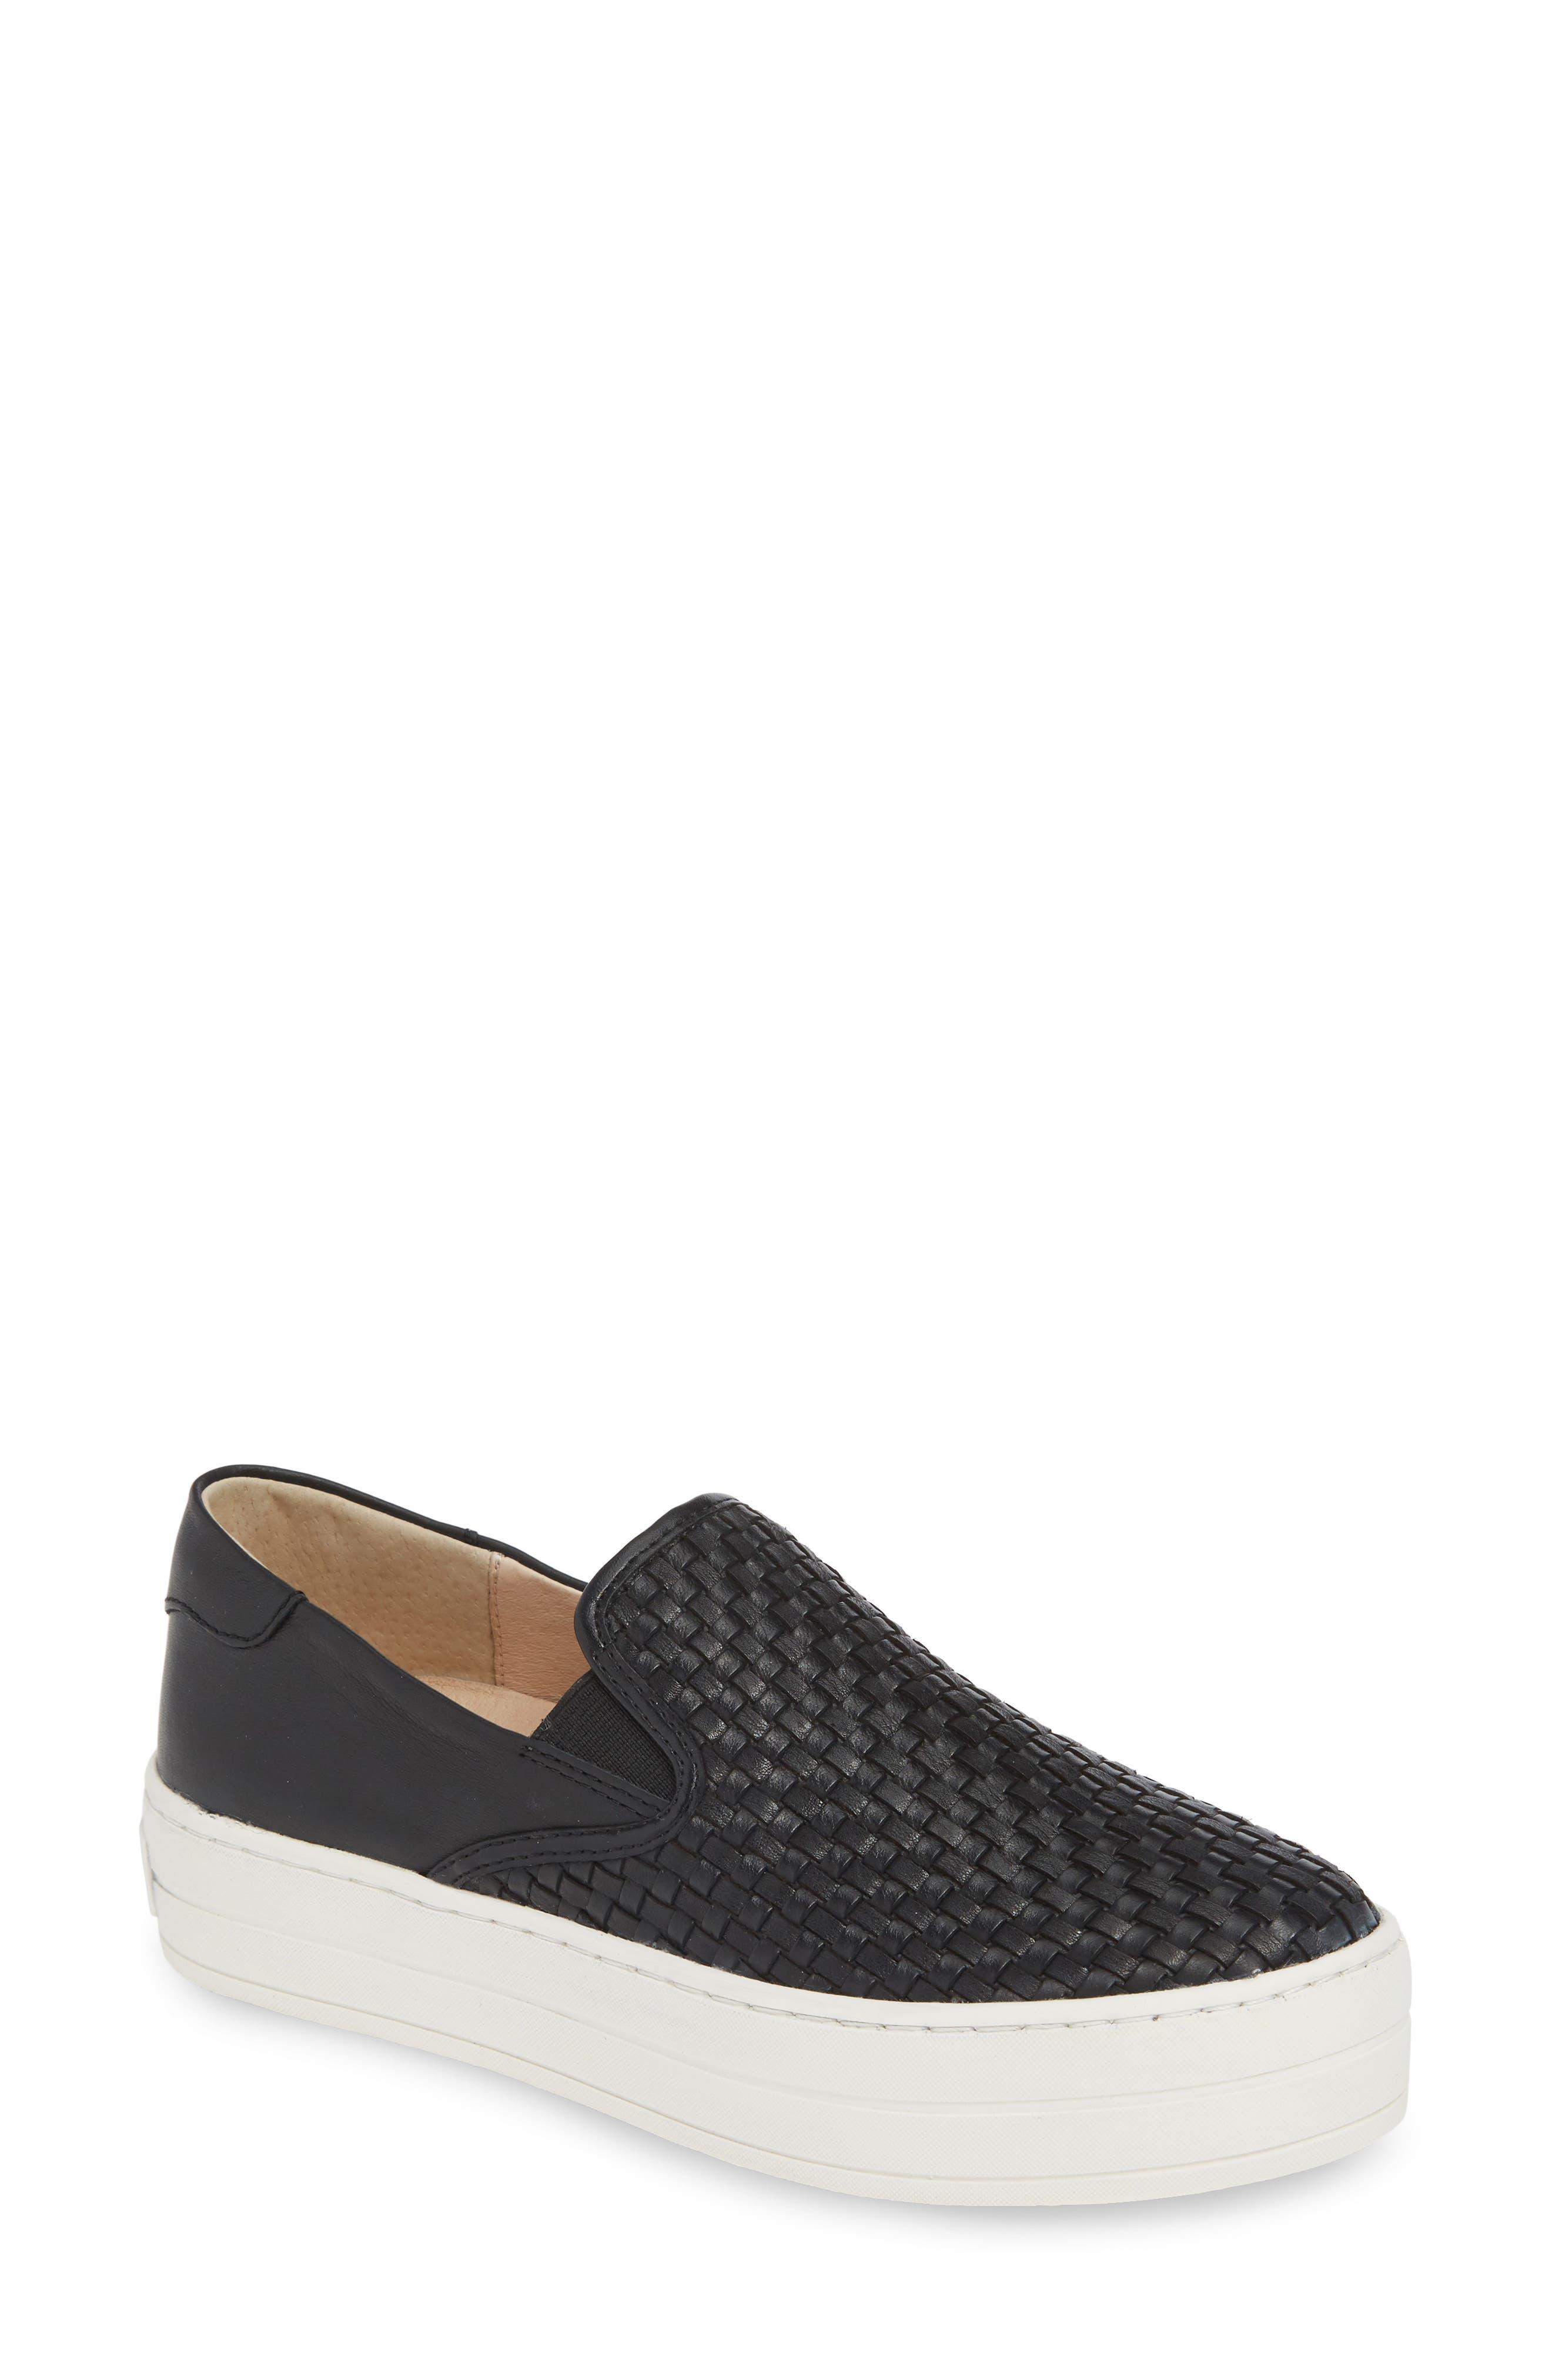 Jslides Halsey Woven Slip-On Sneaker, Black